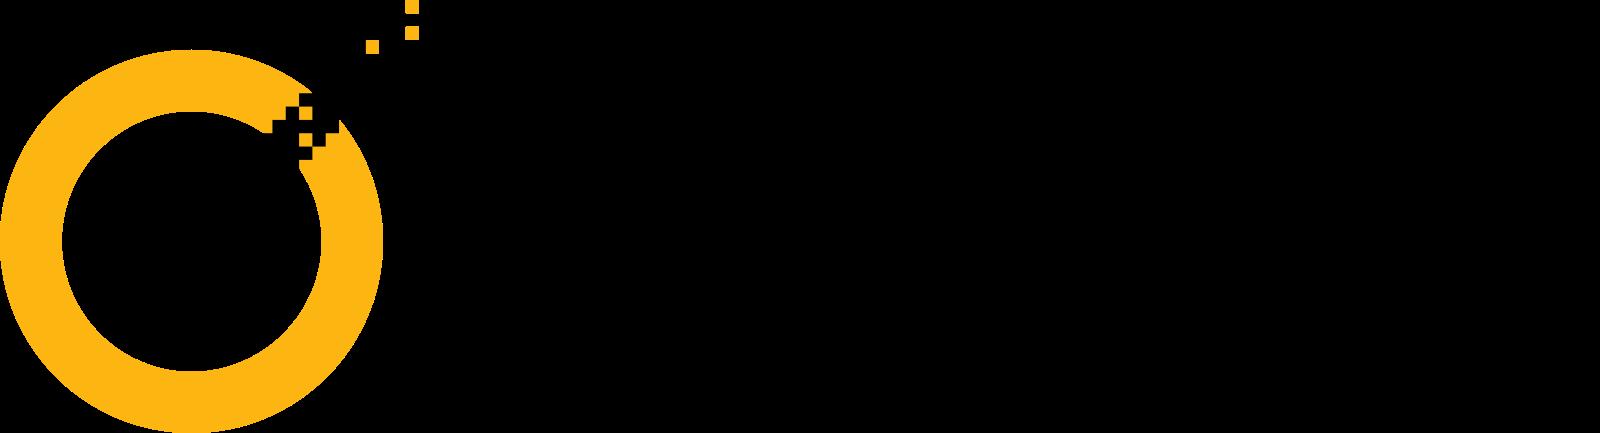 symantec-logo-2